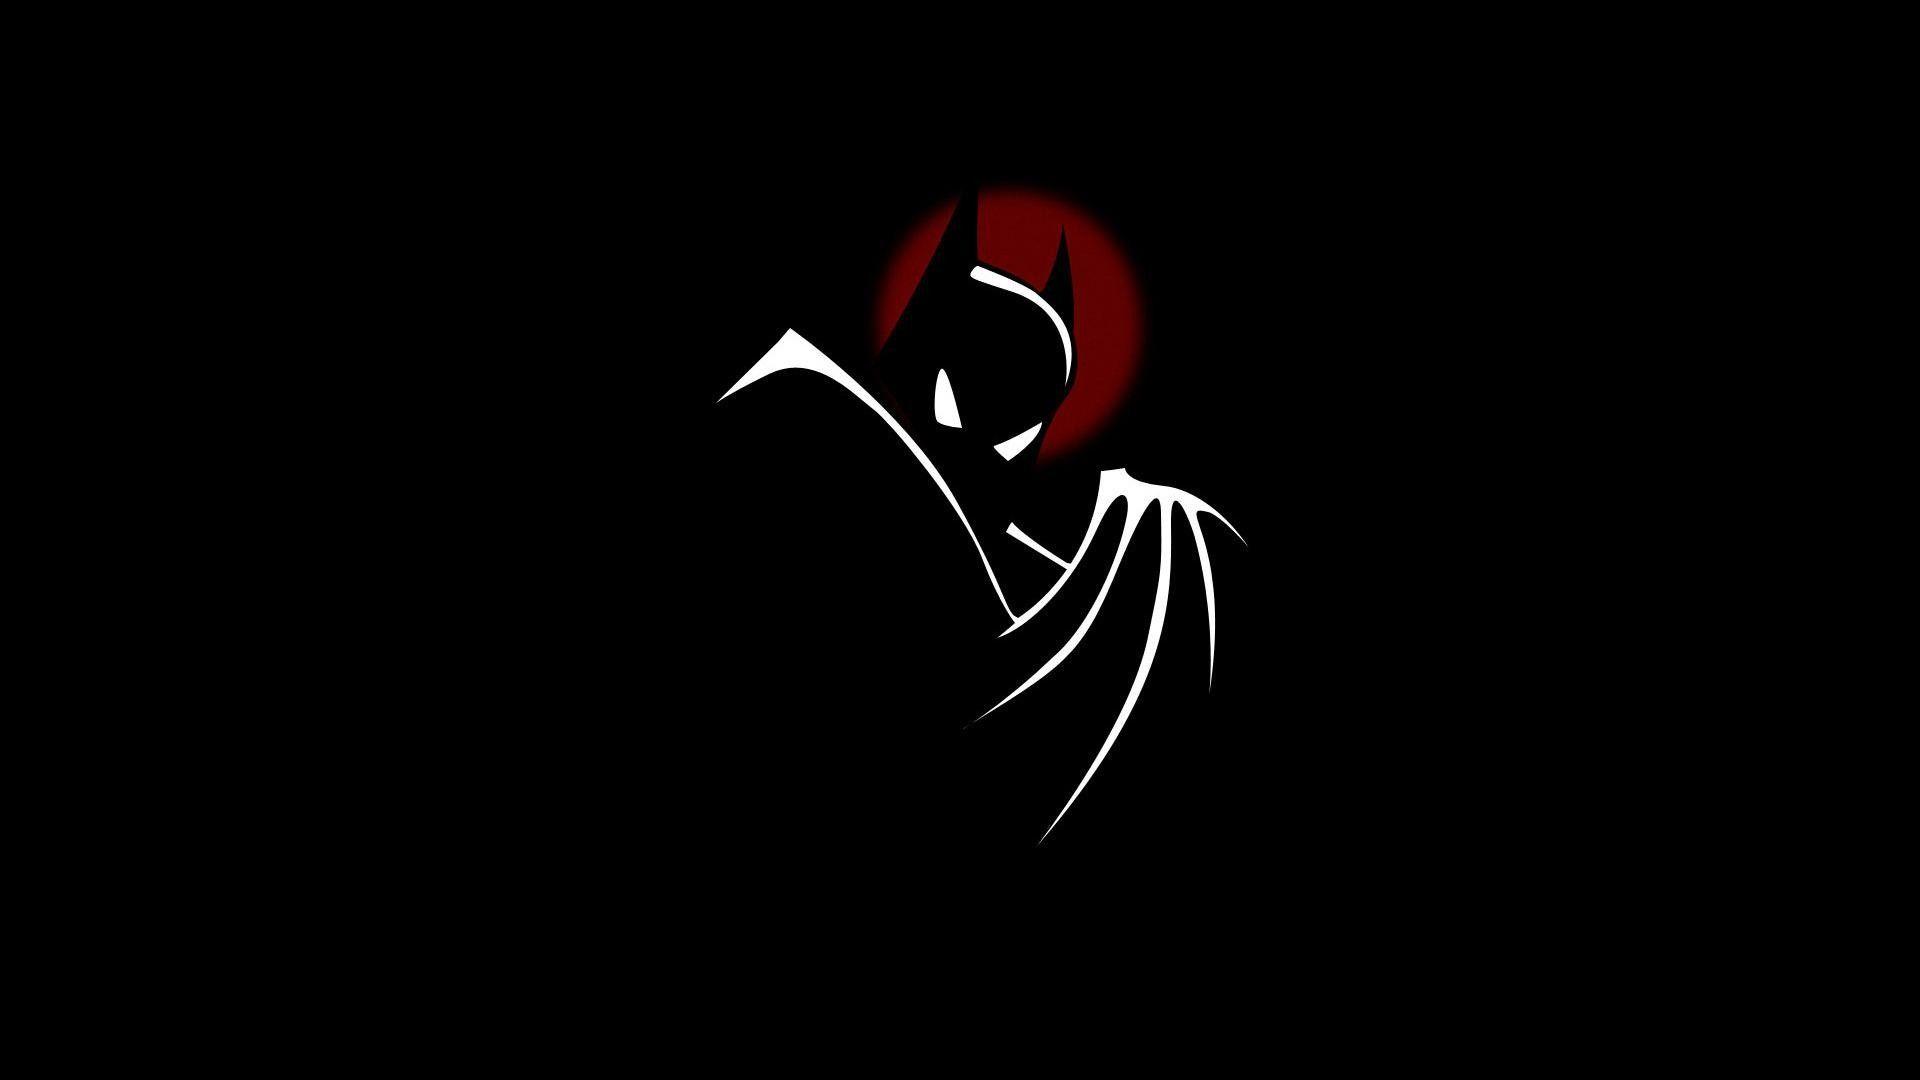 Black Batman Wallpaper